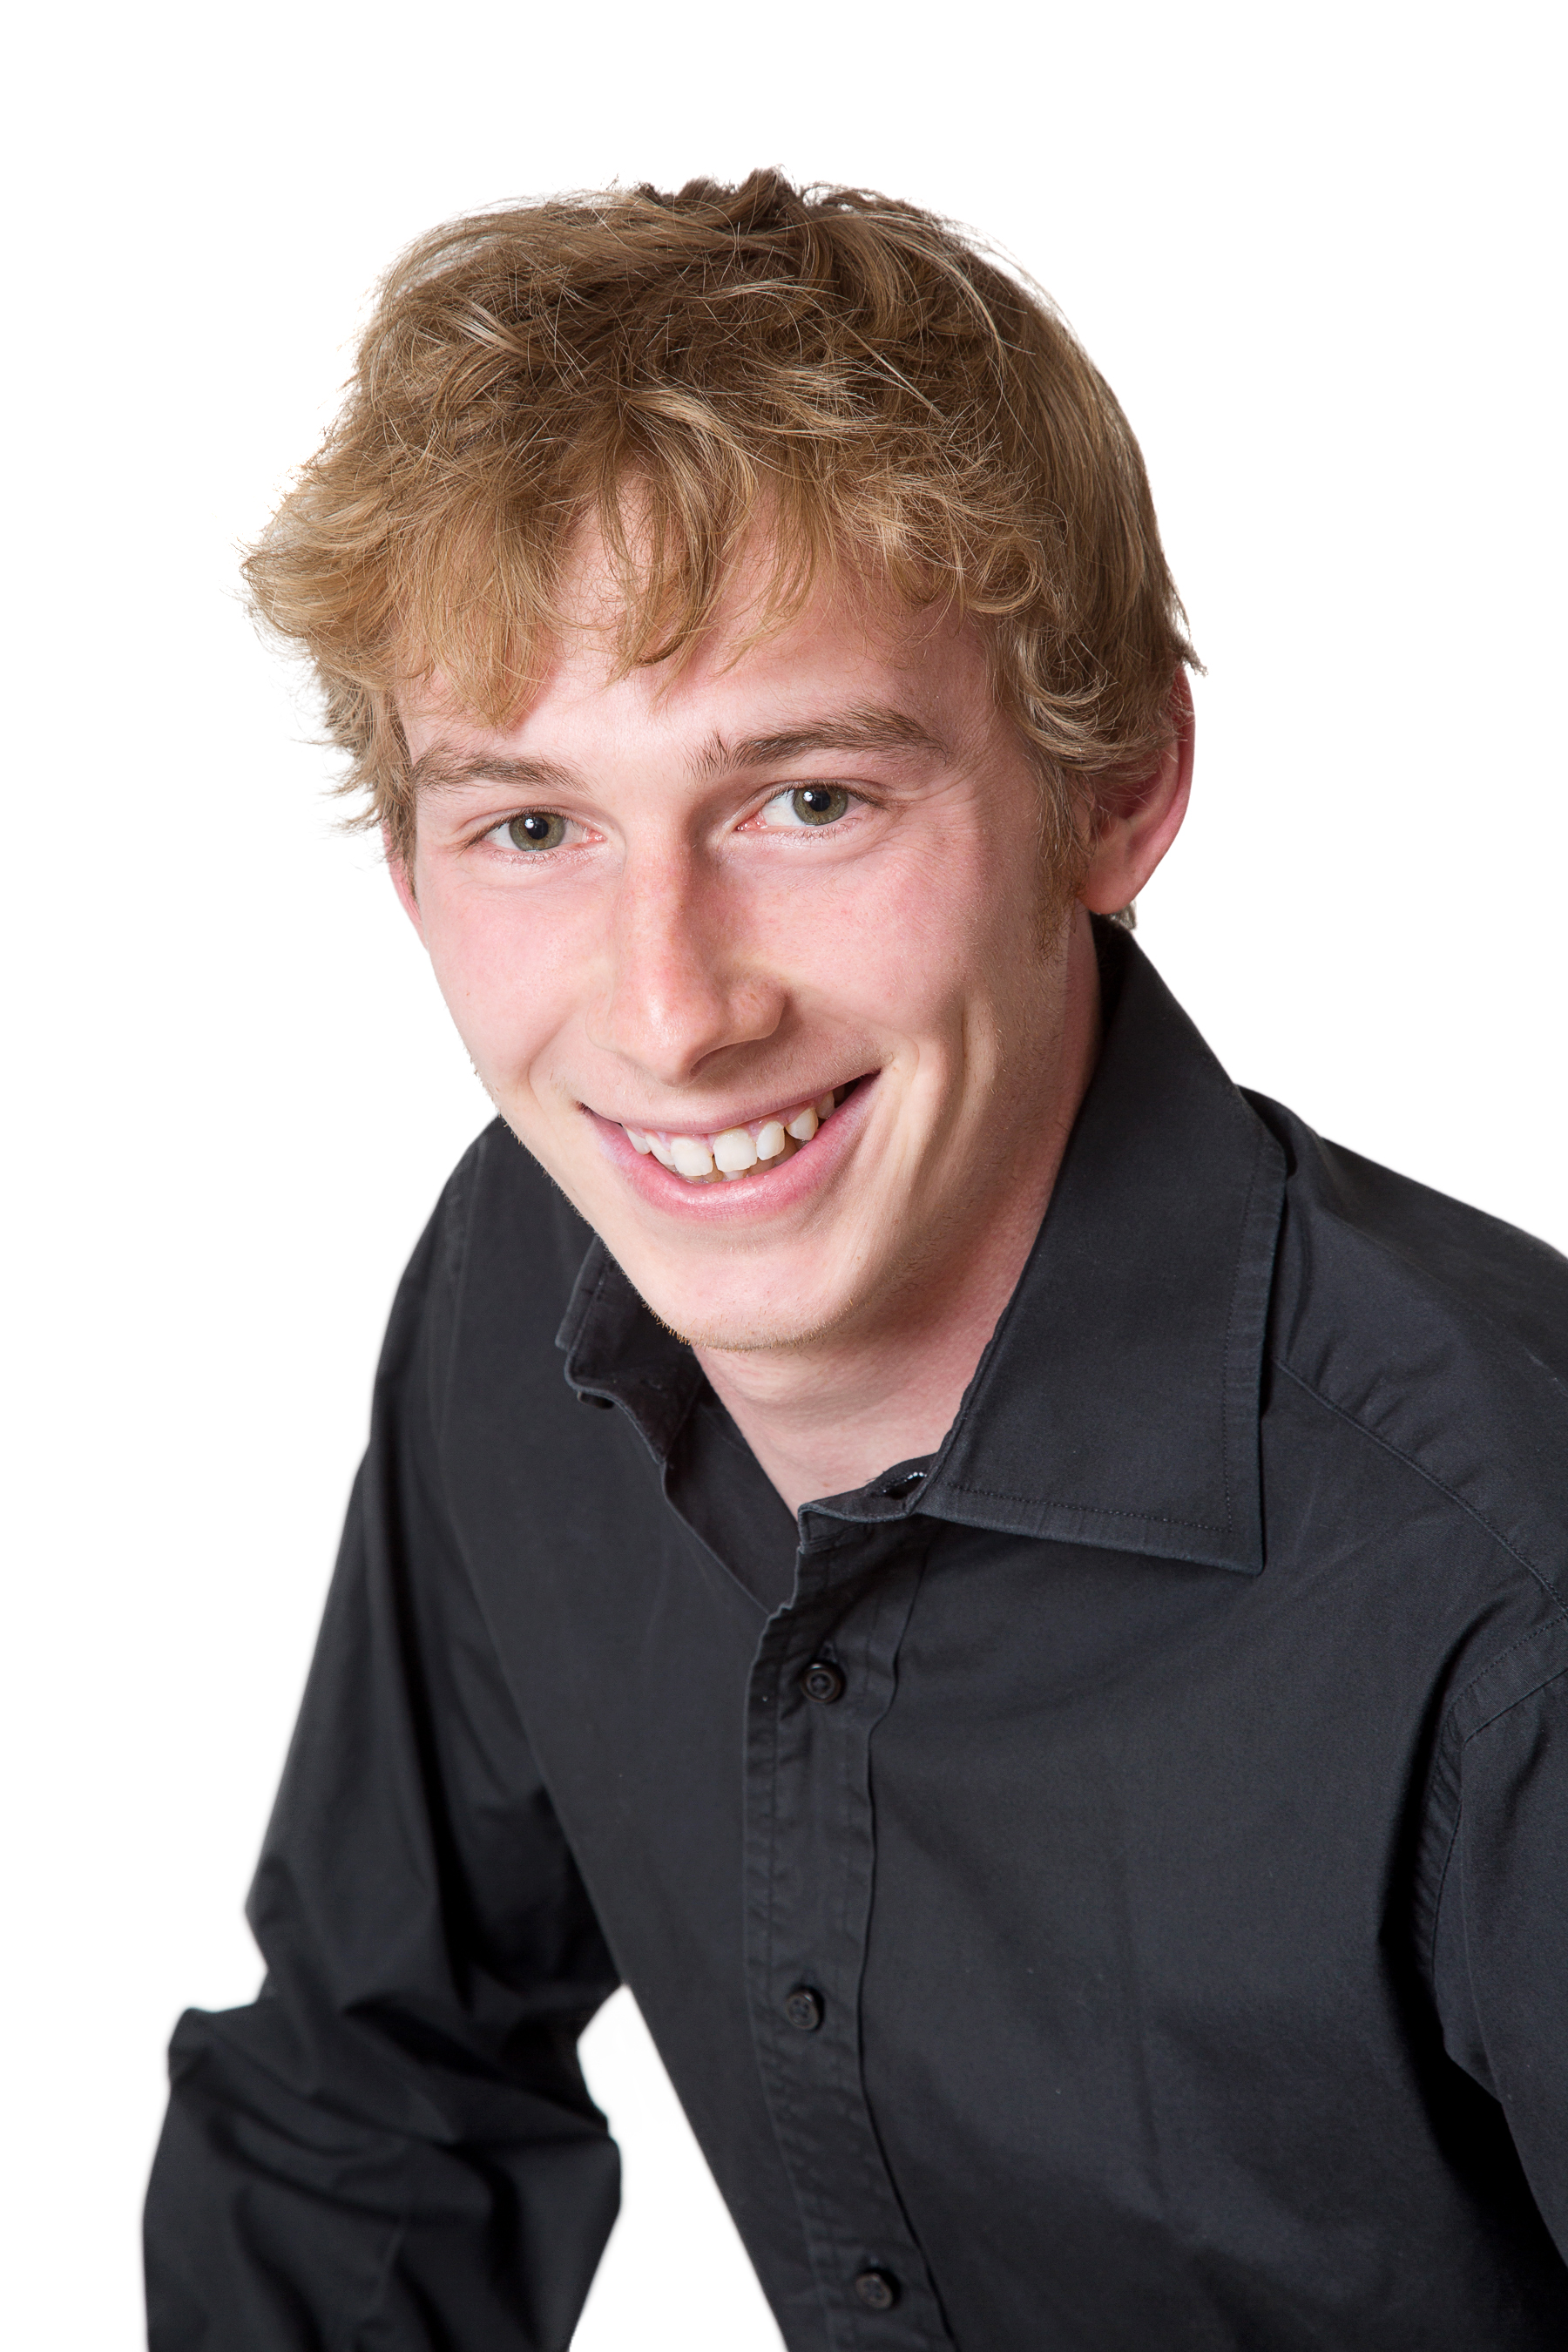 Anthony Strzalek